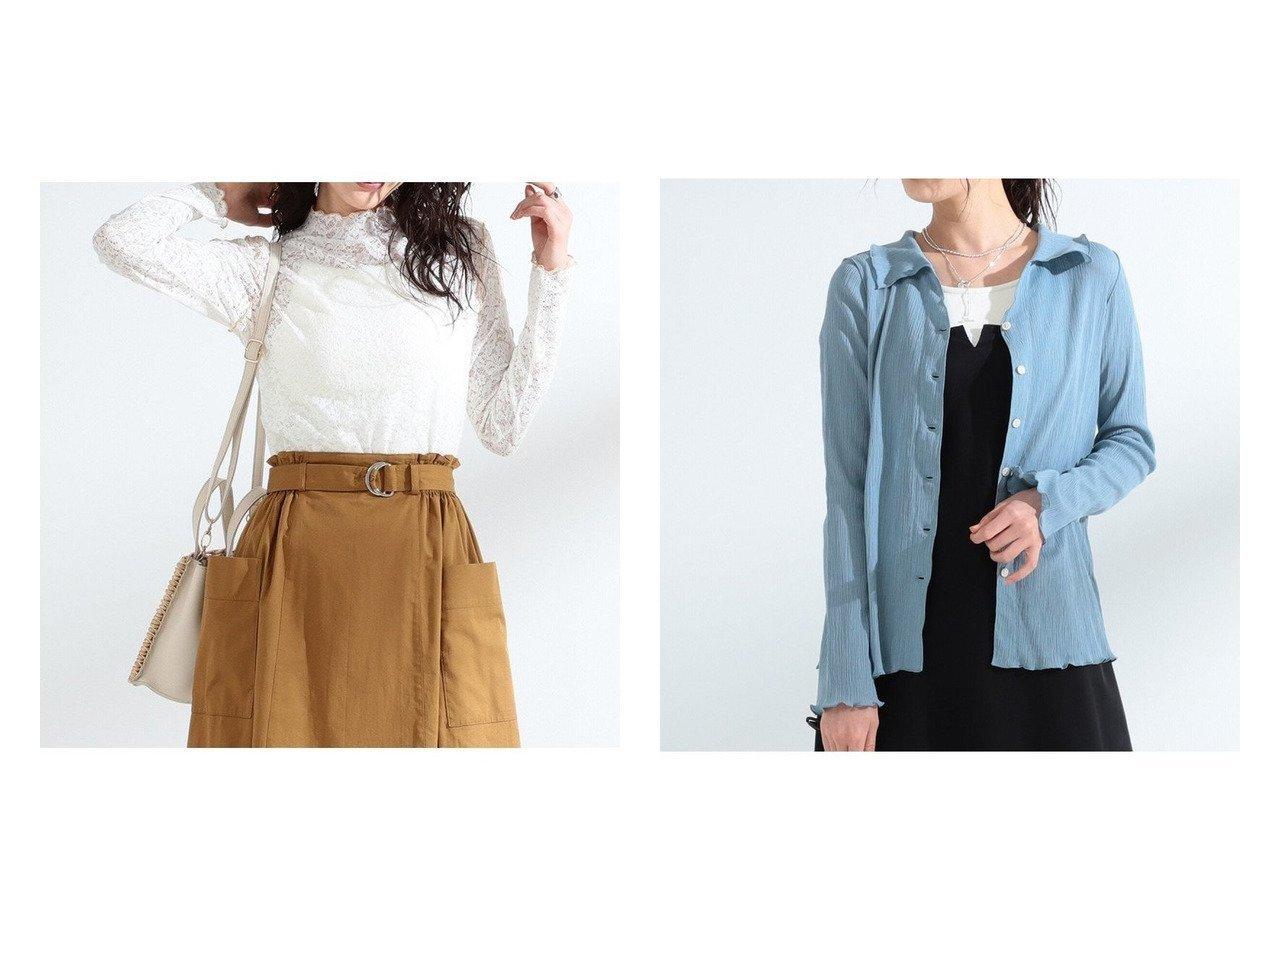 【Ray BEAMS/レイ ビームス】のヨウリュウ メロー シャツ&レース 配色 メロー Tシャツ トップス・カットソーのおすすめ!人気、トレンド・レディースファッションの通販 おすすめで人気の流行・トレンド、ファッションの通販商品 メンズファッション・キッズファッション・インテリア・家具・レディースファッション・服の通販 founy(ファニー) https://founy.com/ ファッション Fashion レディースファッション WOMEN トップス Tops Tshirt シャツ/ブラウス Shirts Blouses ロング / Tシャツ T-Shirts カットソー Cut and Sewn NEW・新作・新着・新入荷 New Arrivals カットソー シンプル トレンド レース 人気 再入荷 Restock/Back in Stock/Re Arrival 羽織 長袖 |ID:crp329100000012009